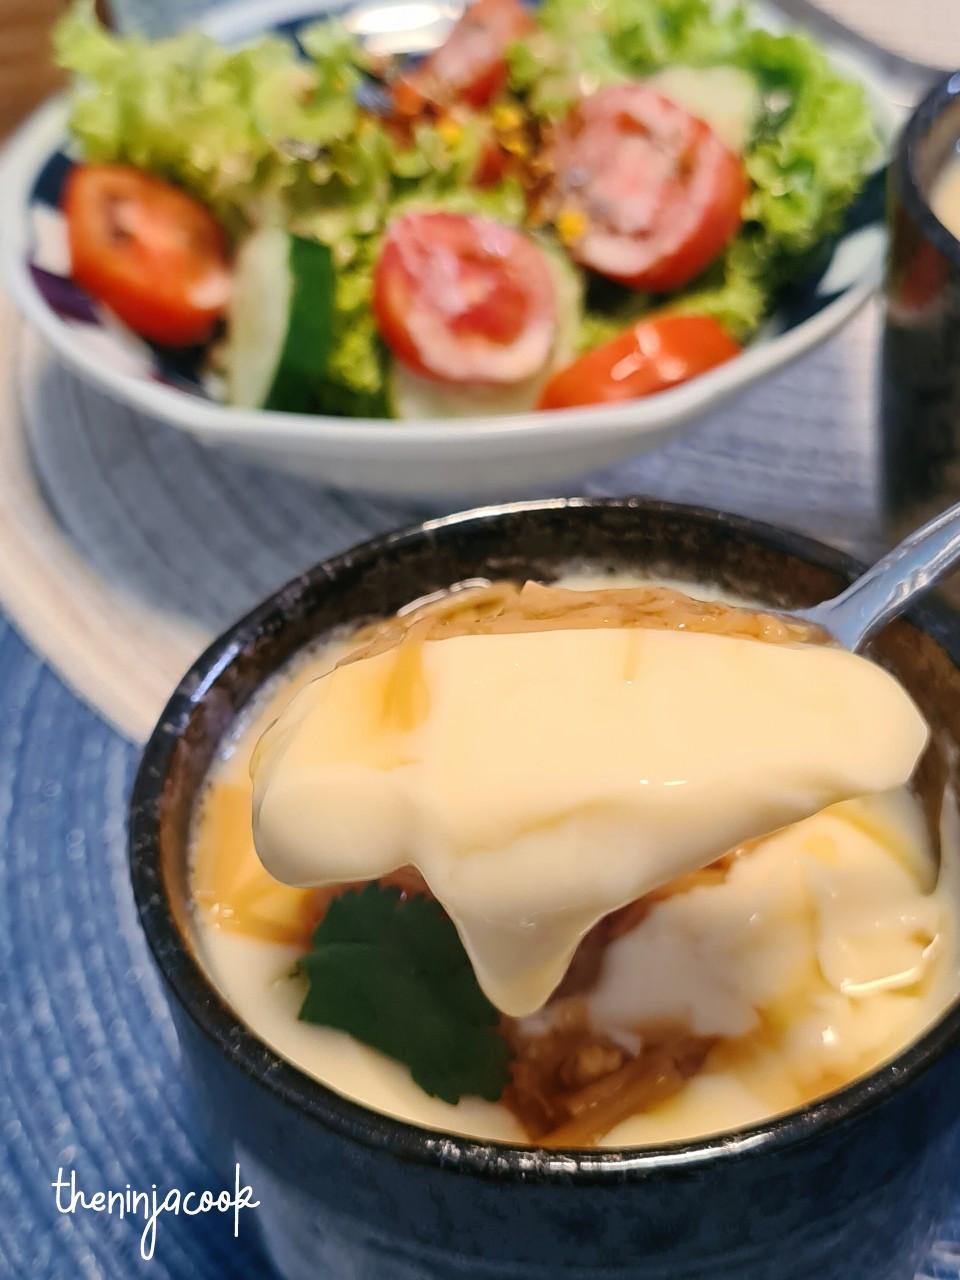 chawan mushi, steamed Japanese egg